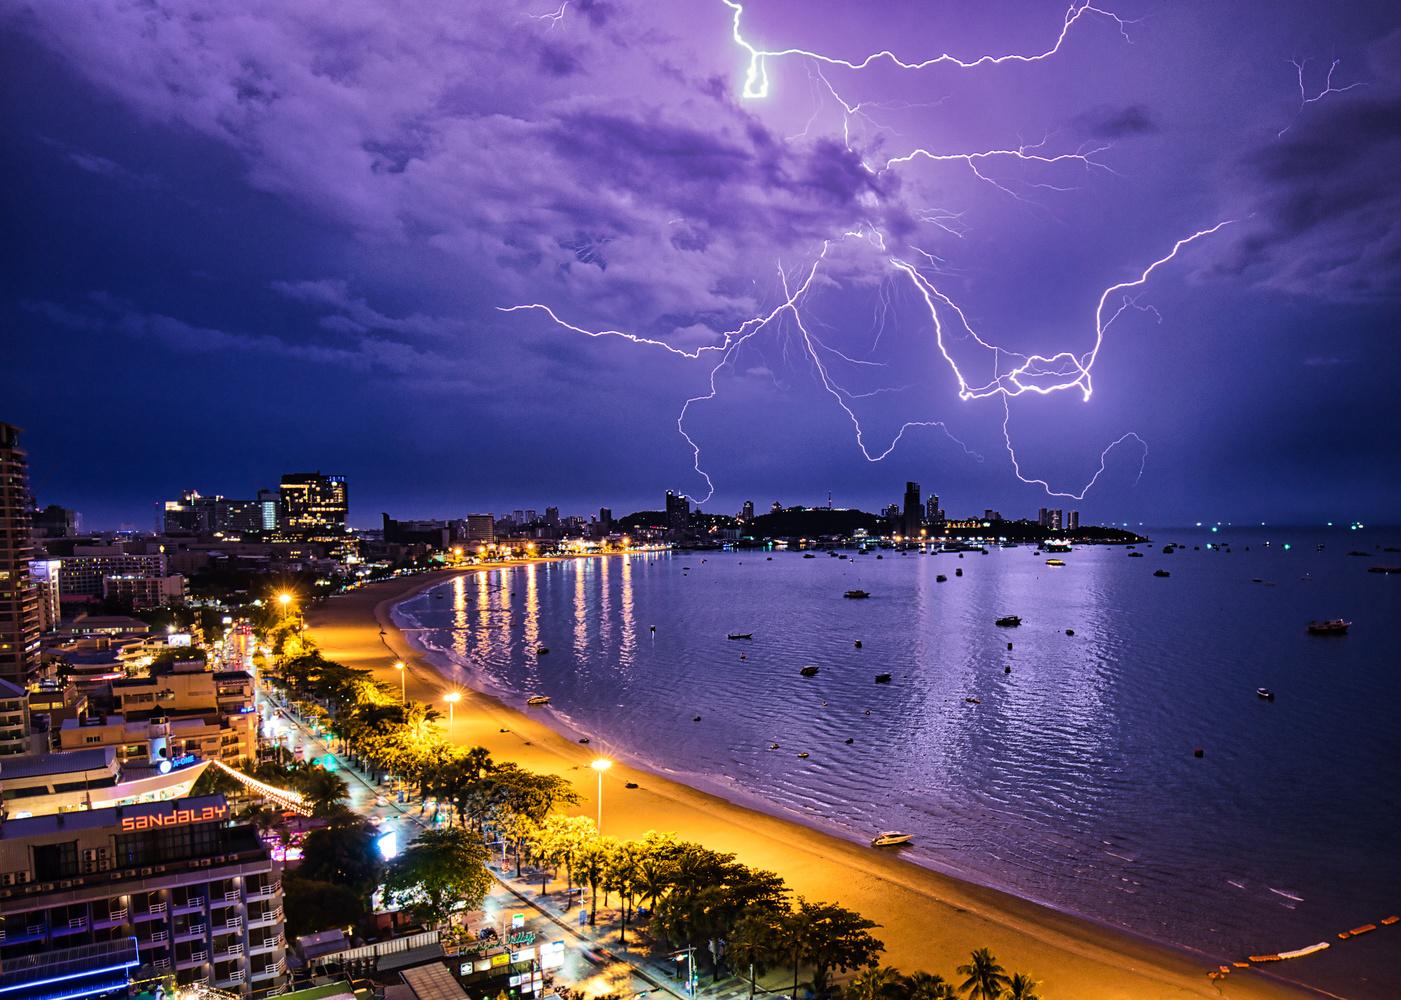 Pattaya Thunder Storm by Nikki Machell